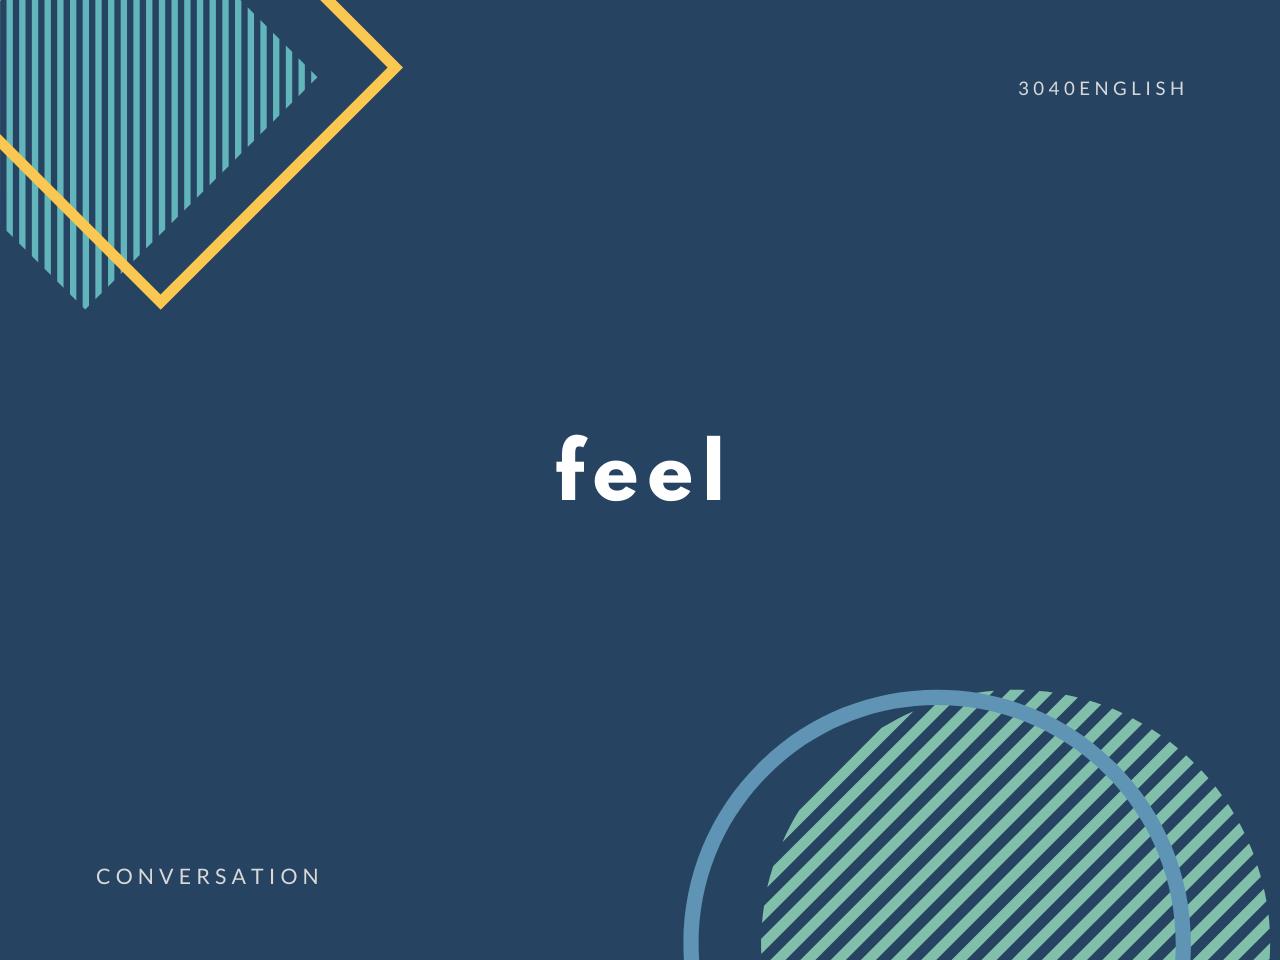 「感触はどうですか?」の英会話・英語表現2選【例文あり】